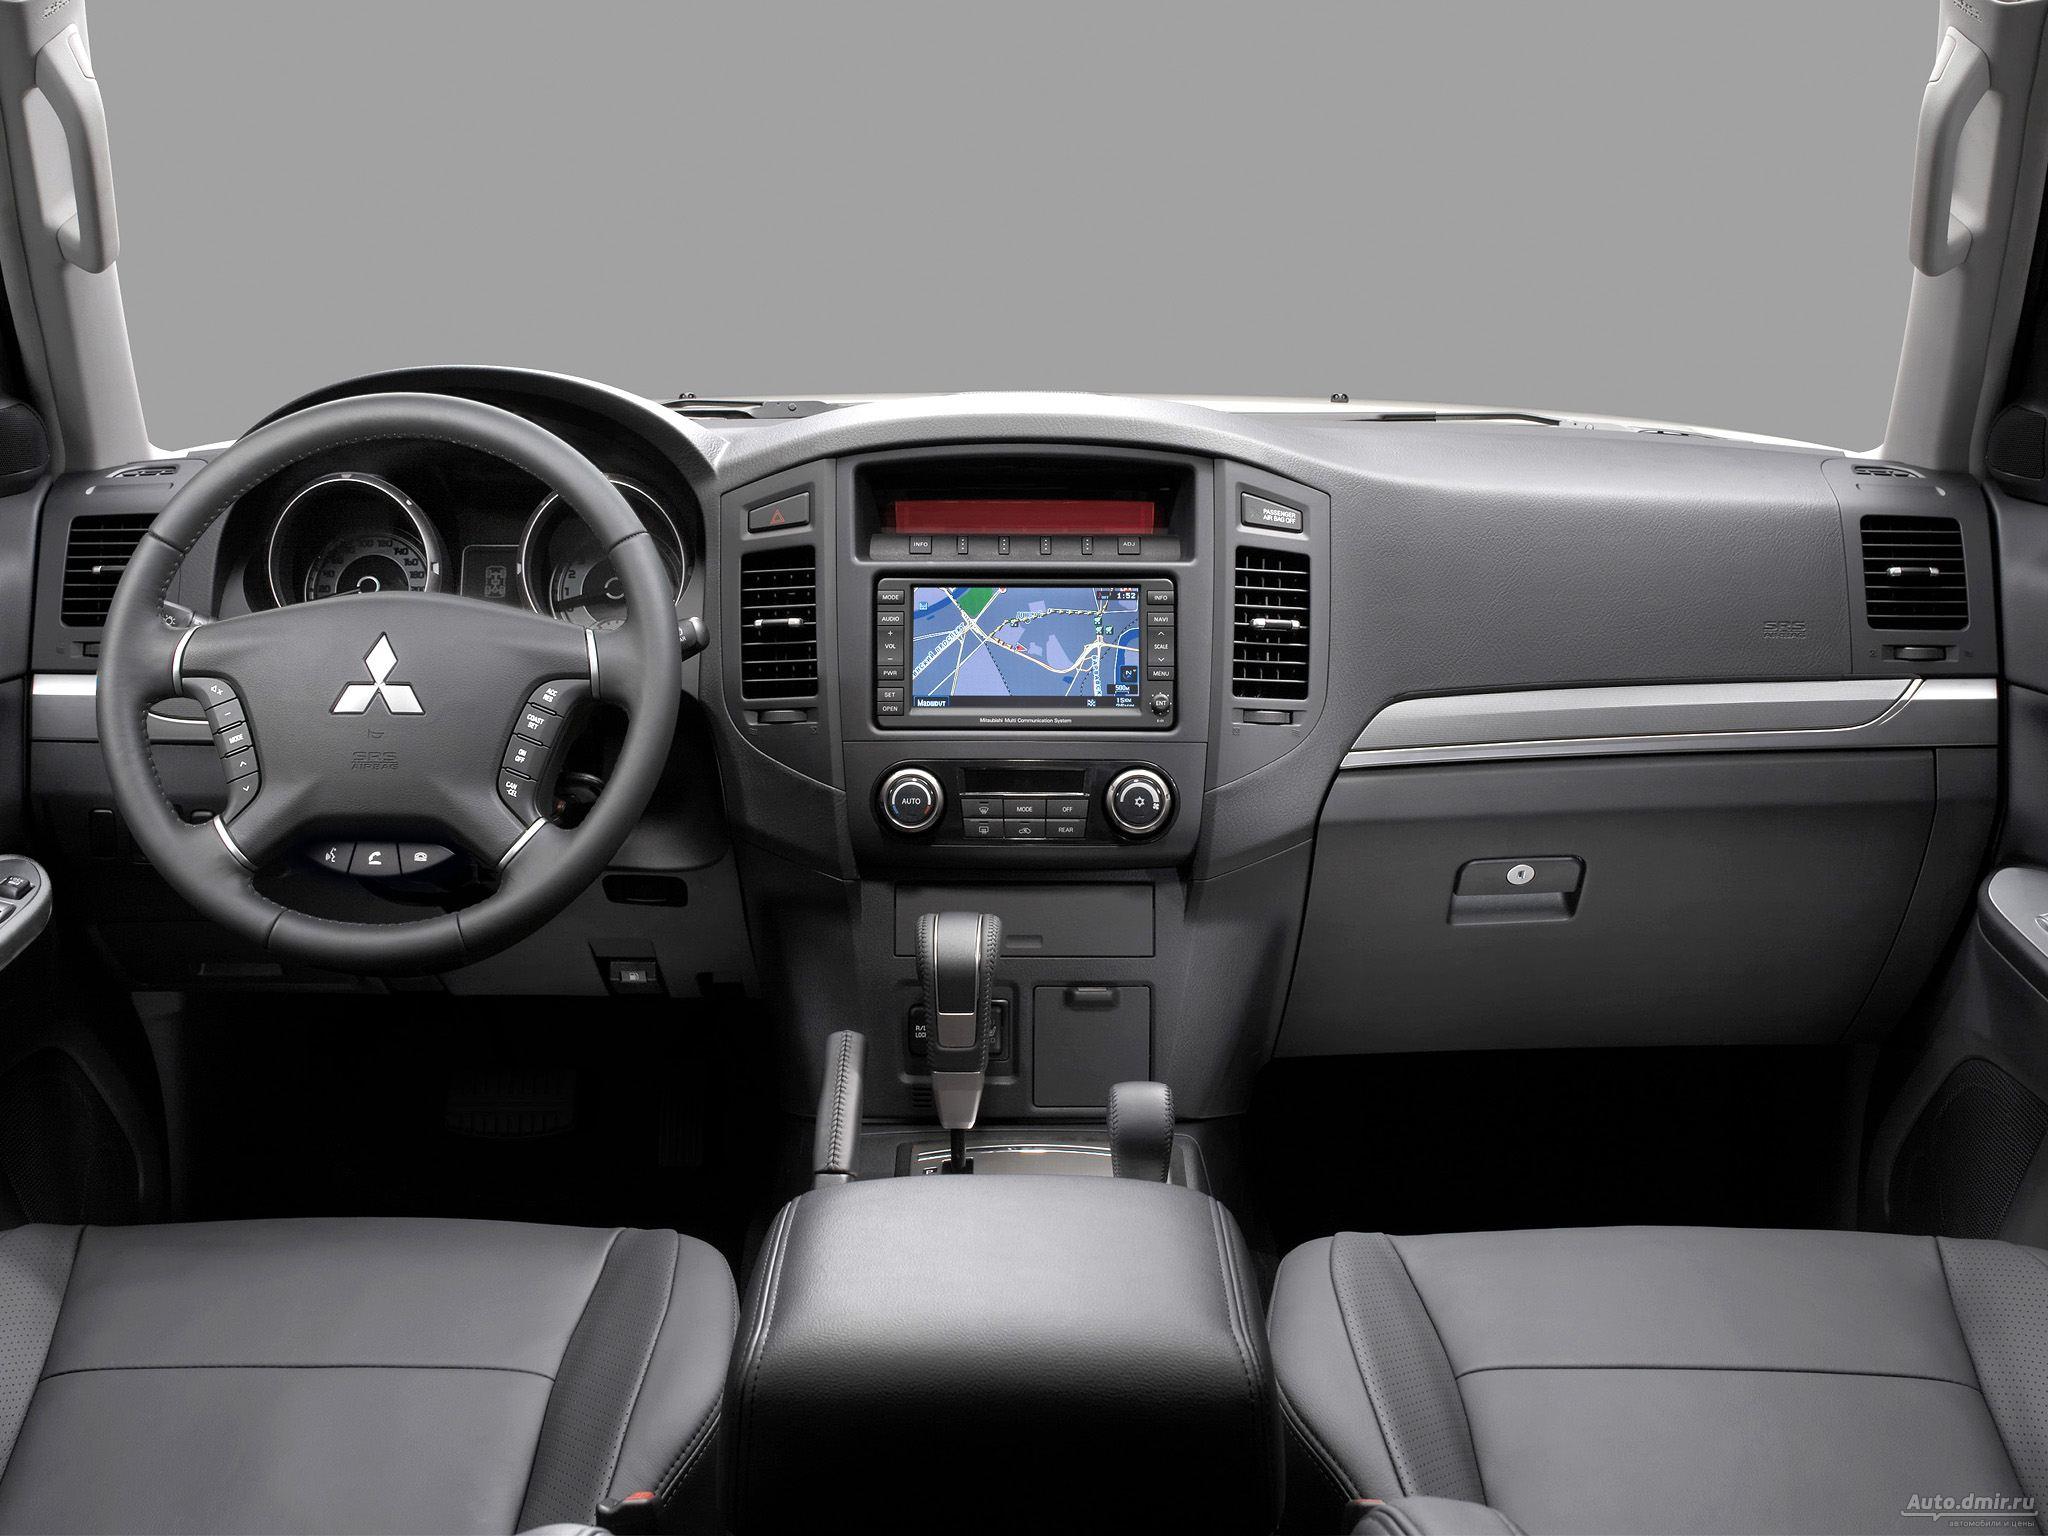 Как настроить автоматическое увеличение громкости магнитолы при увеличении скорости на Mitsubishi Pajero 4?